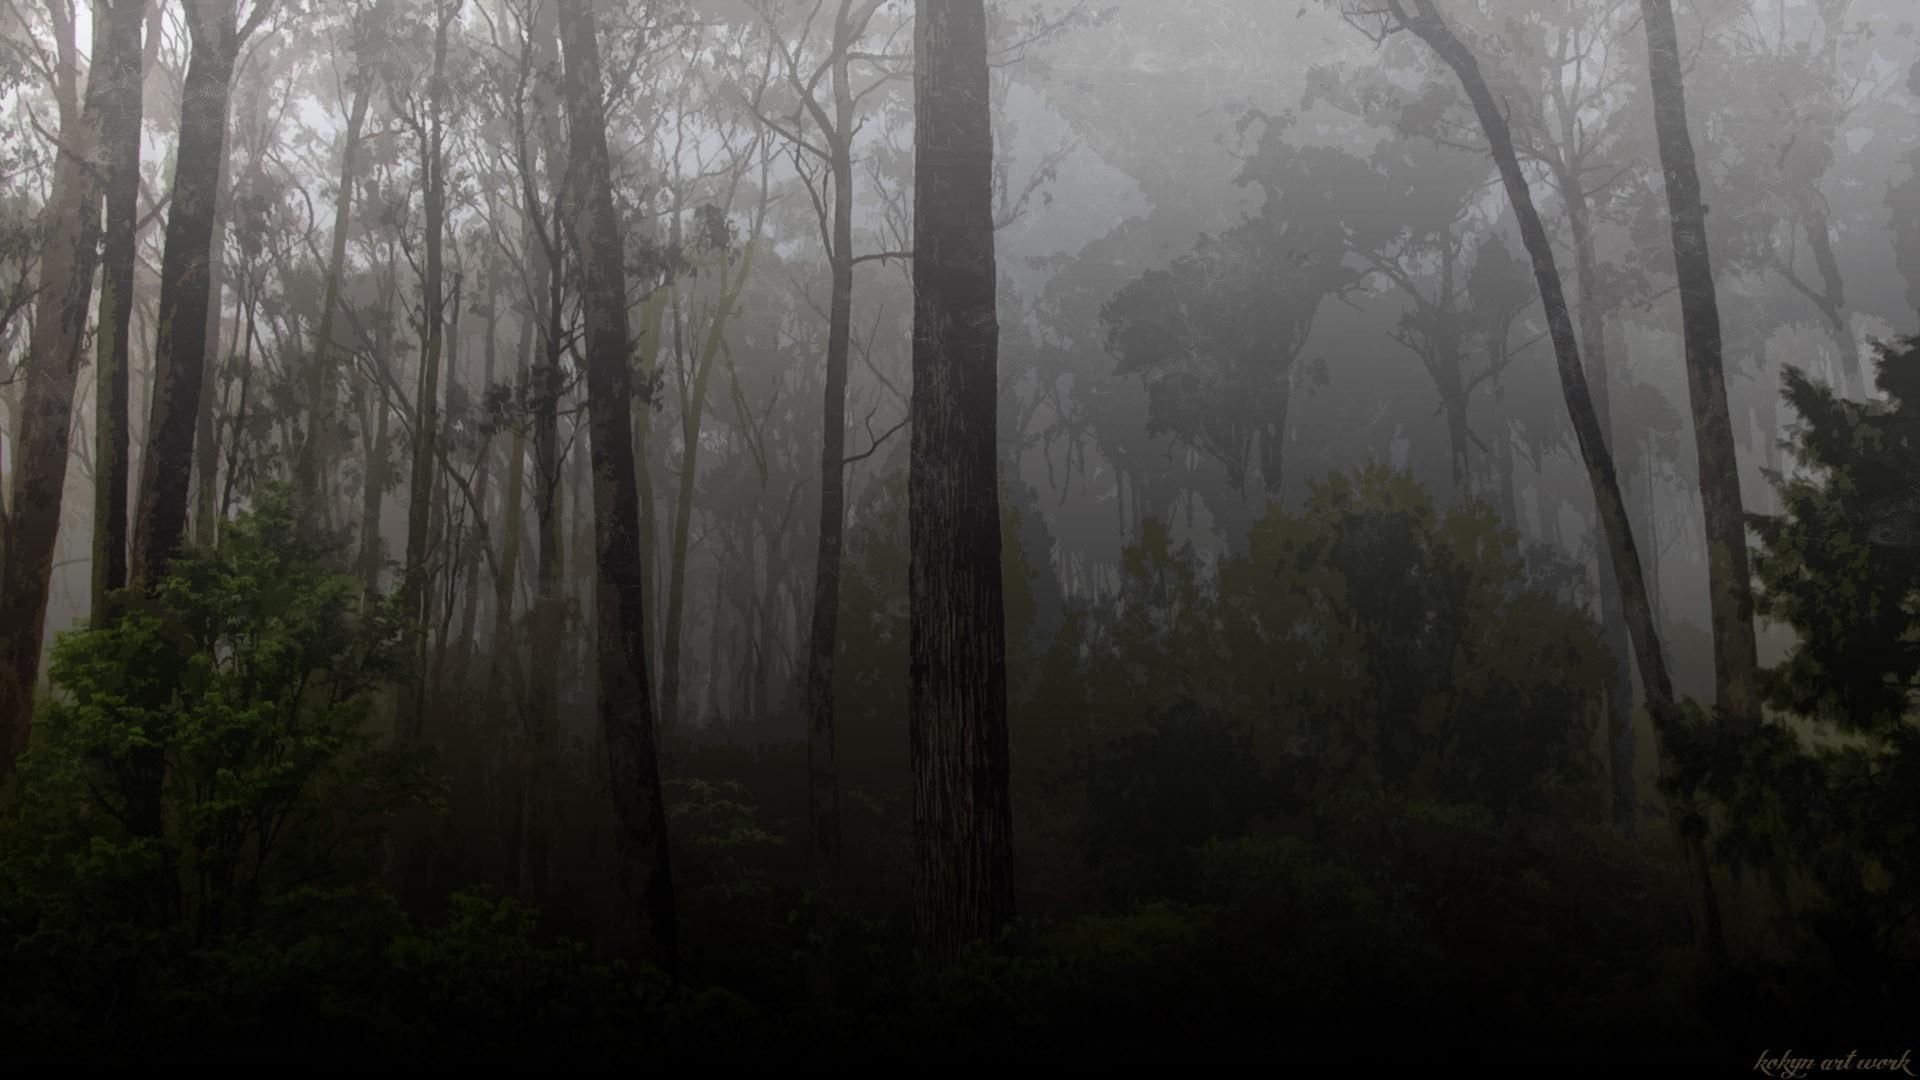 Deep Quotes Wallpapers Dark Woods Hd Backgrounds Pixelstalk Net